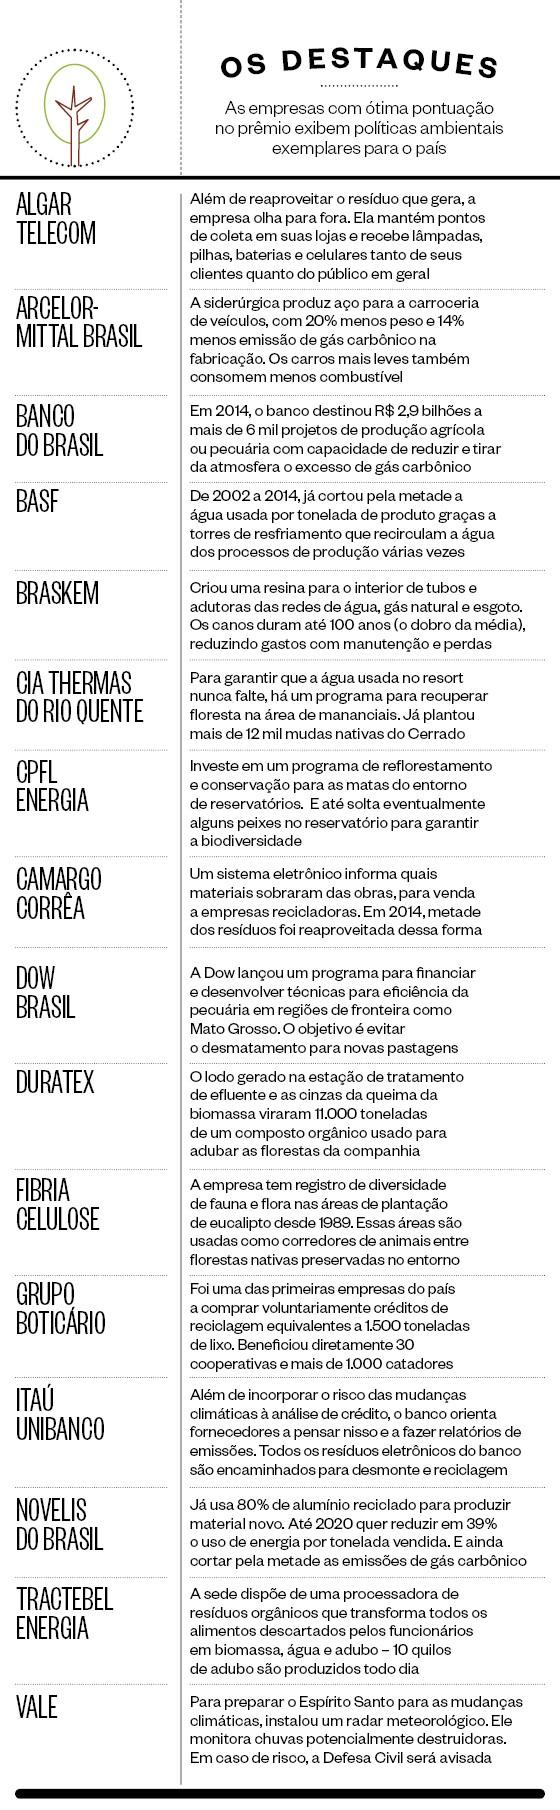 Os destaques do Prêmio Época Empresa Verde  (Foto: Época )